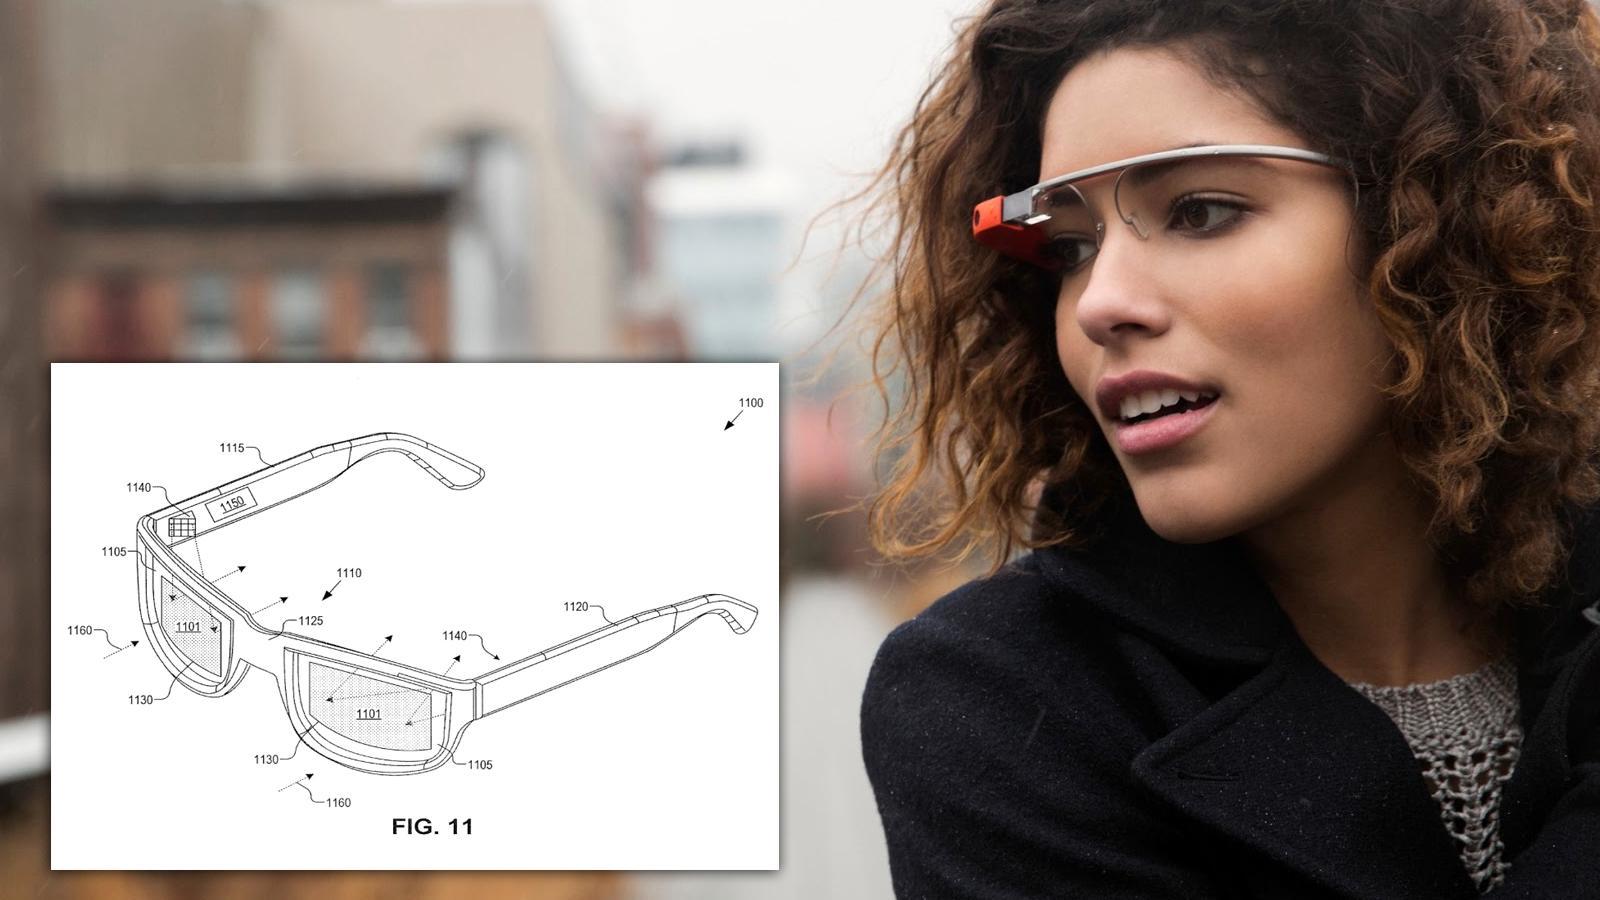 Google har levert inn patentsøknad på smartbriller med skjermen innebygget i brilleglassene.Foto: Google